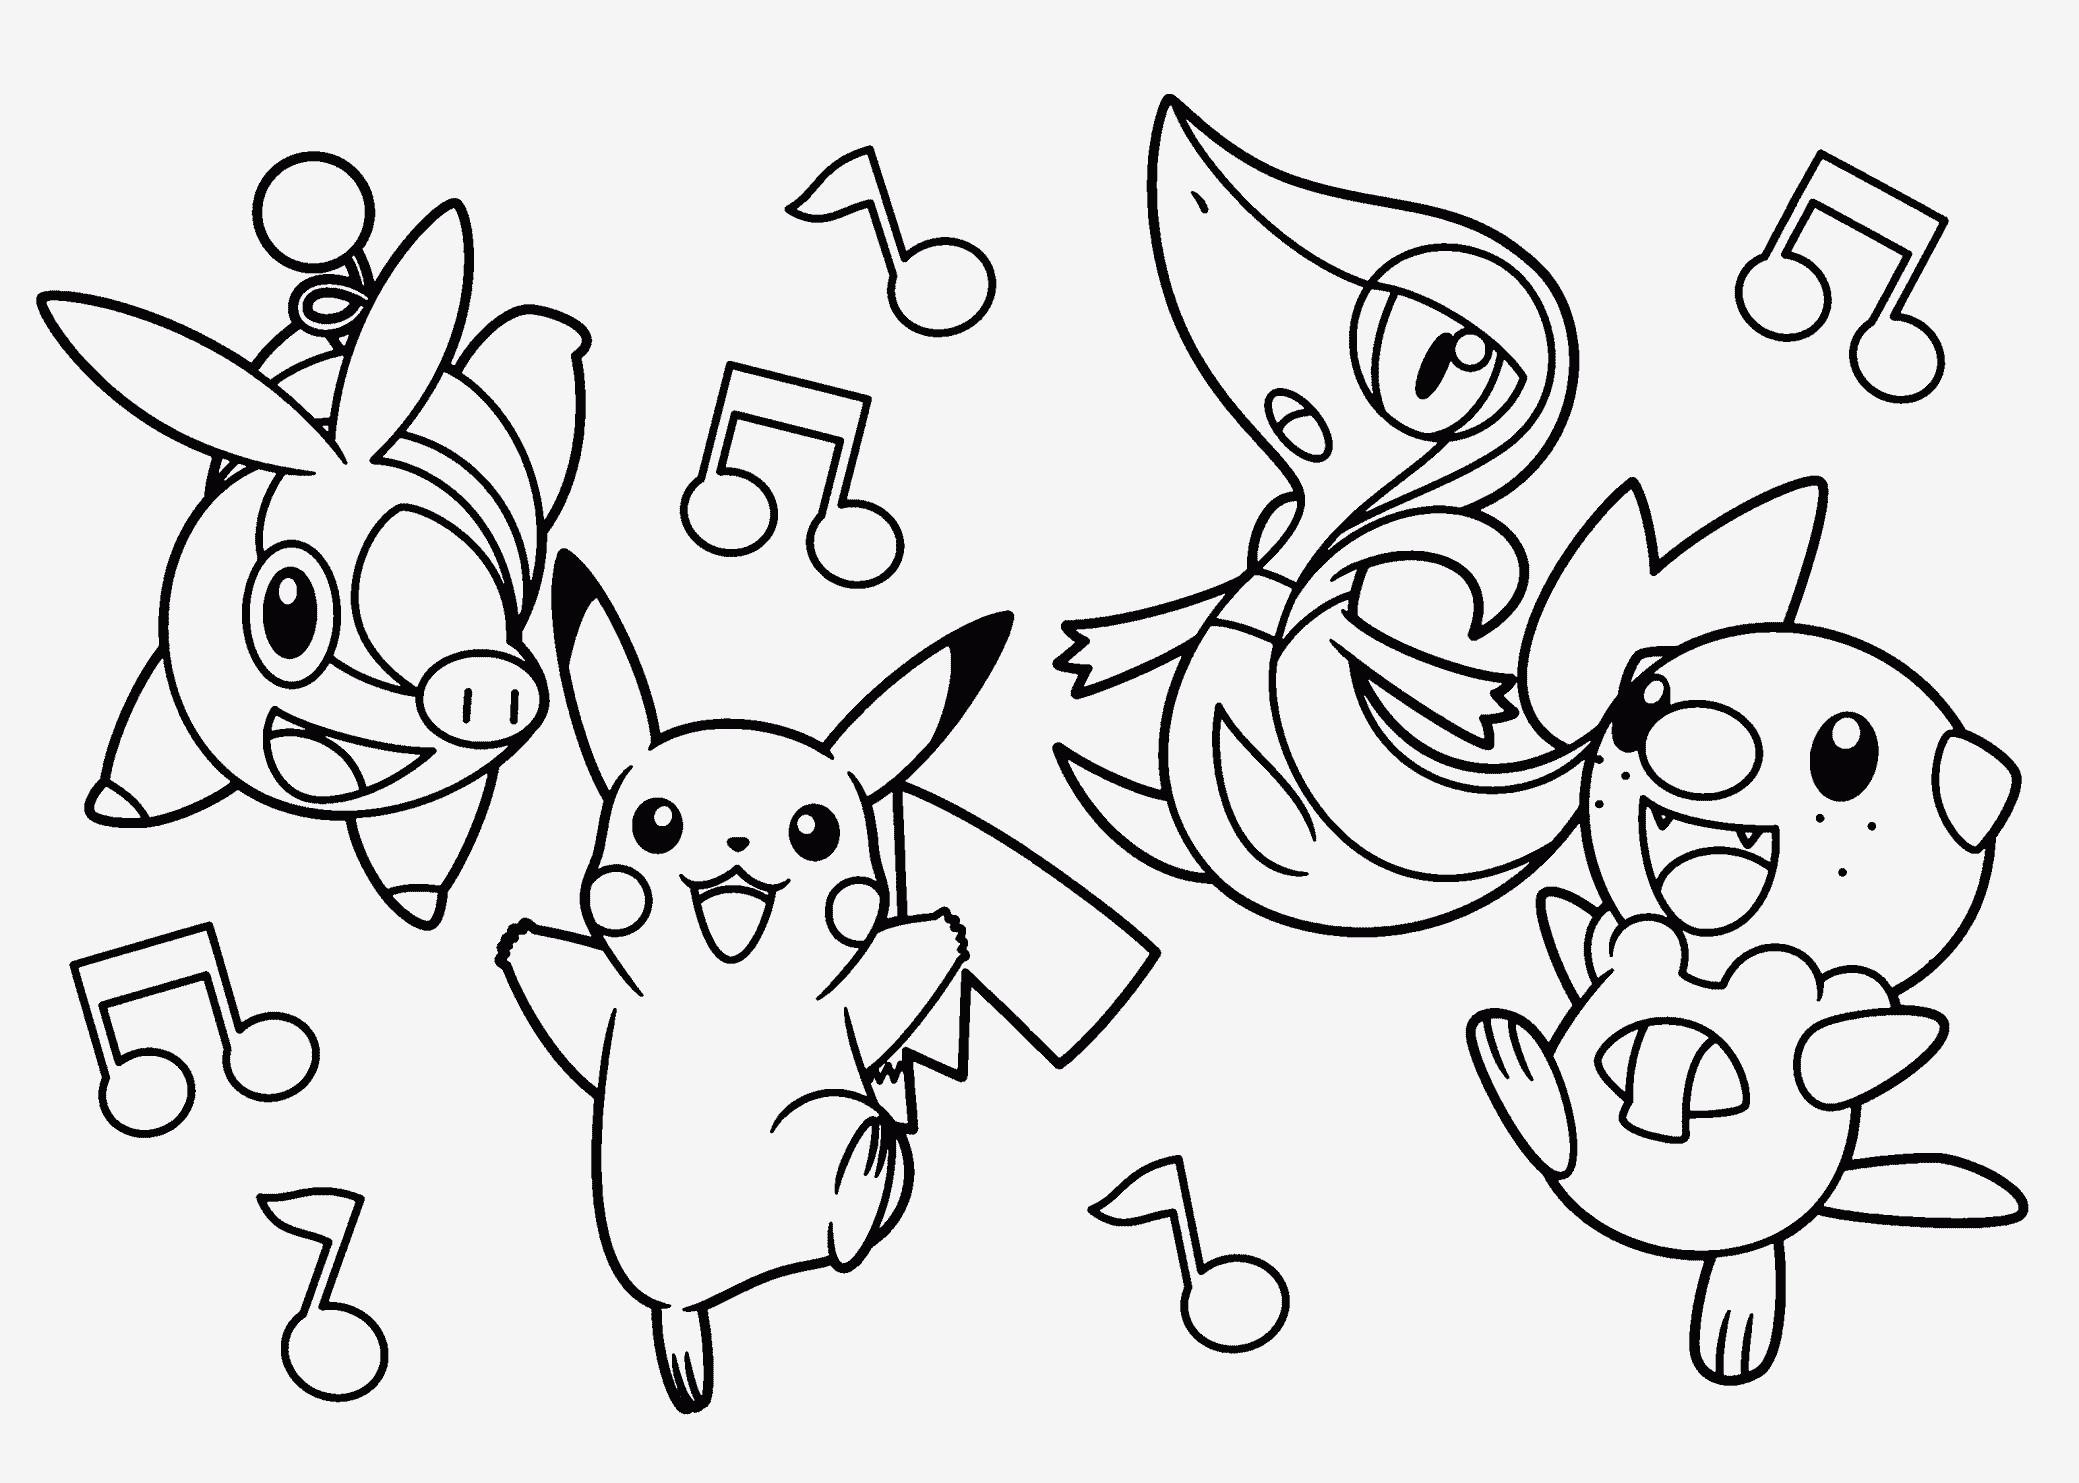 Kostenlose Ausmalbilder Pokemon Genial 37 Fantastisch Pokemon